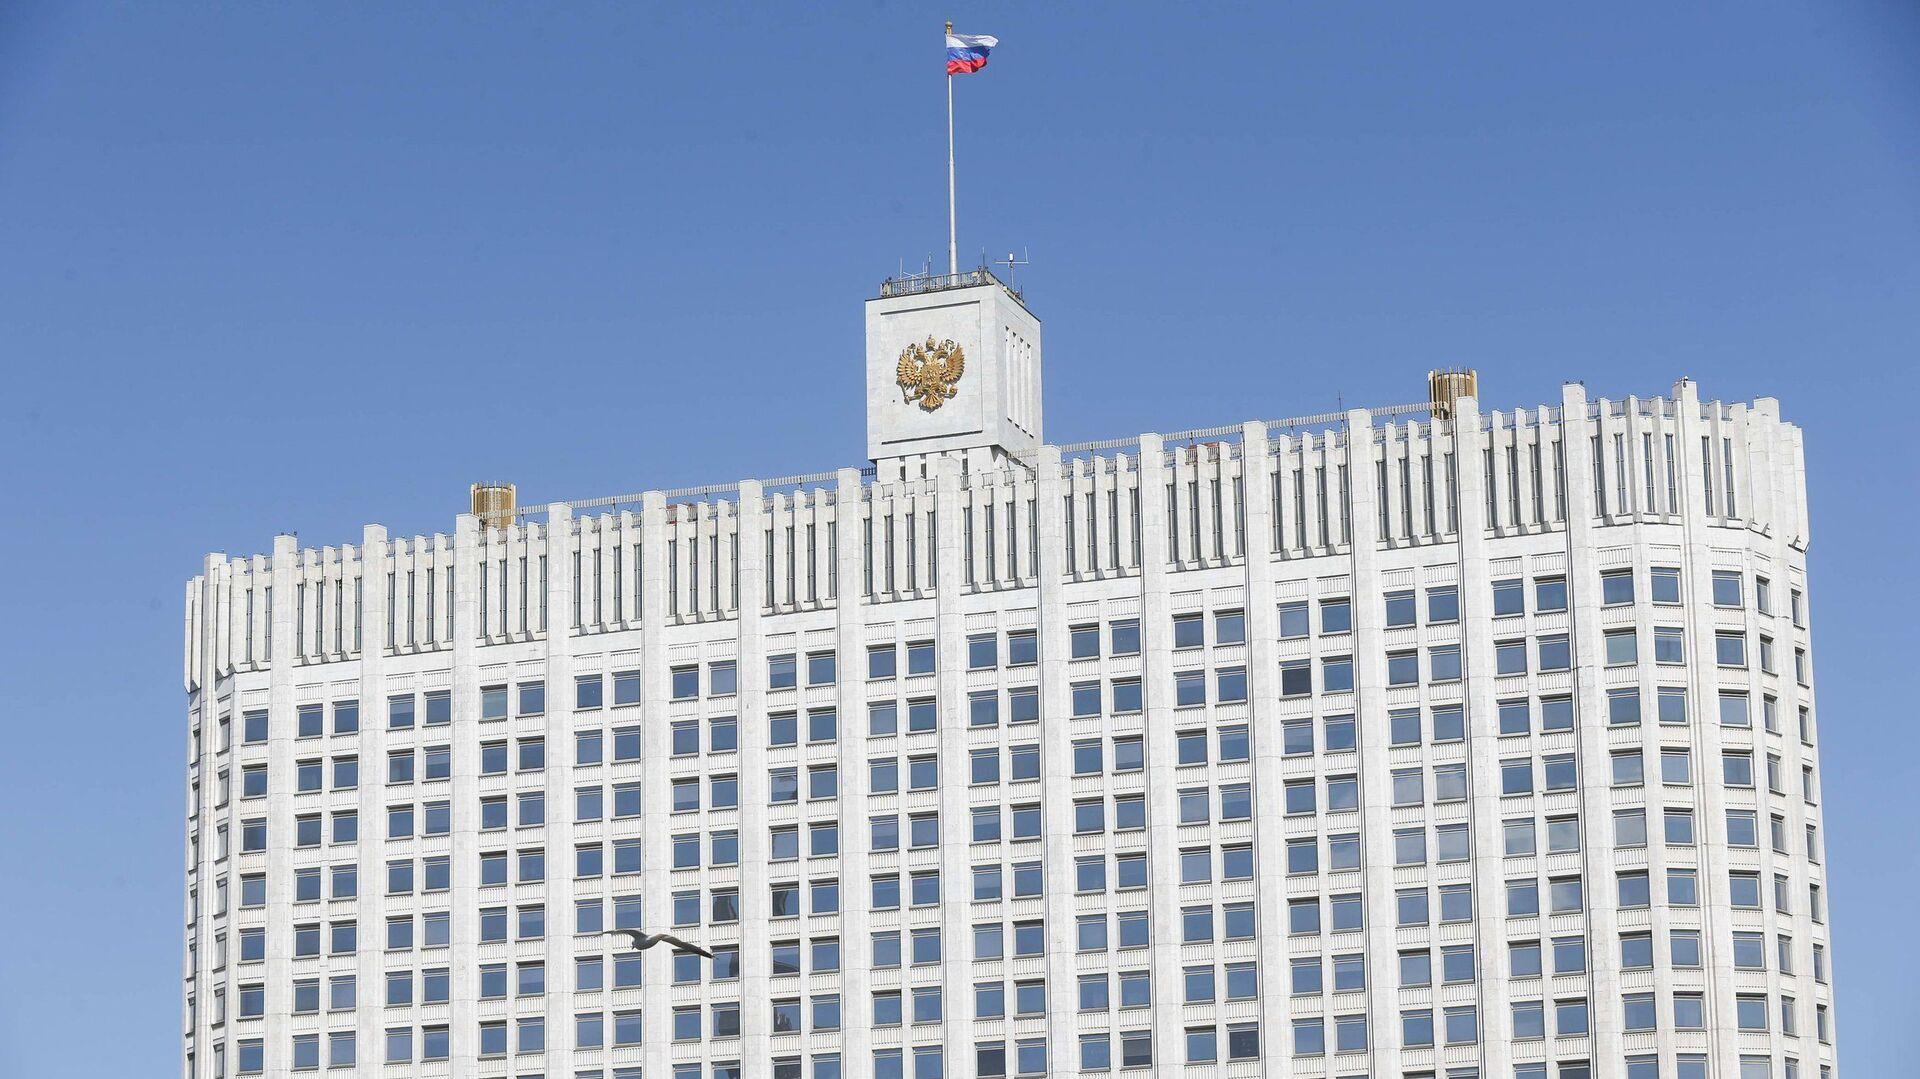 Дом Правительства Российской Федерации  - РИА Новости, 1920, 09.07.2021